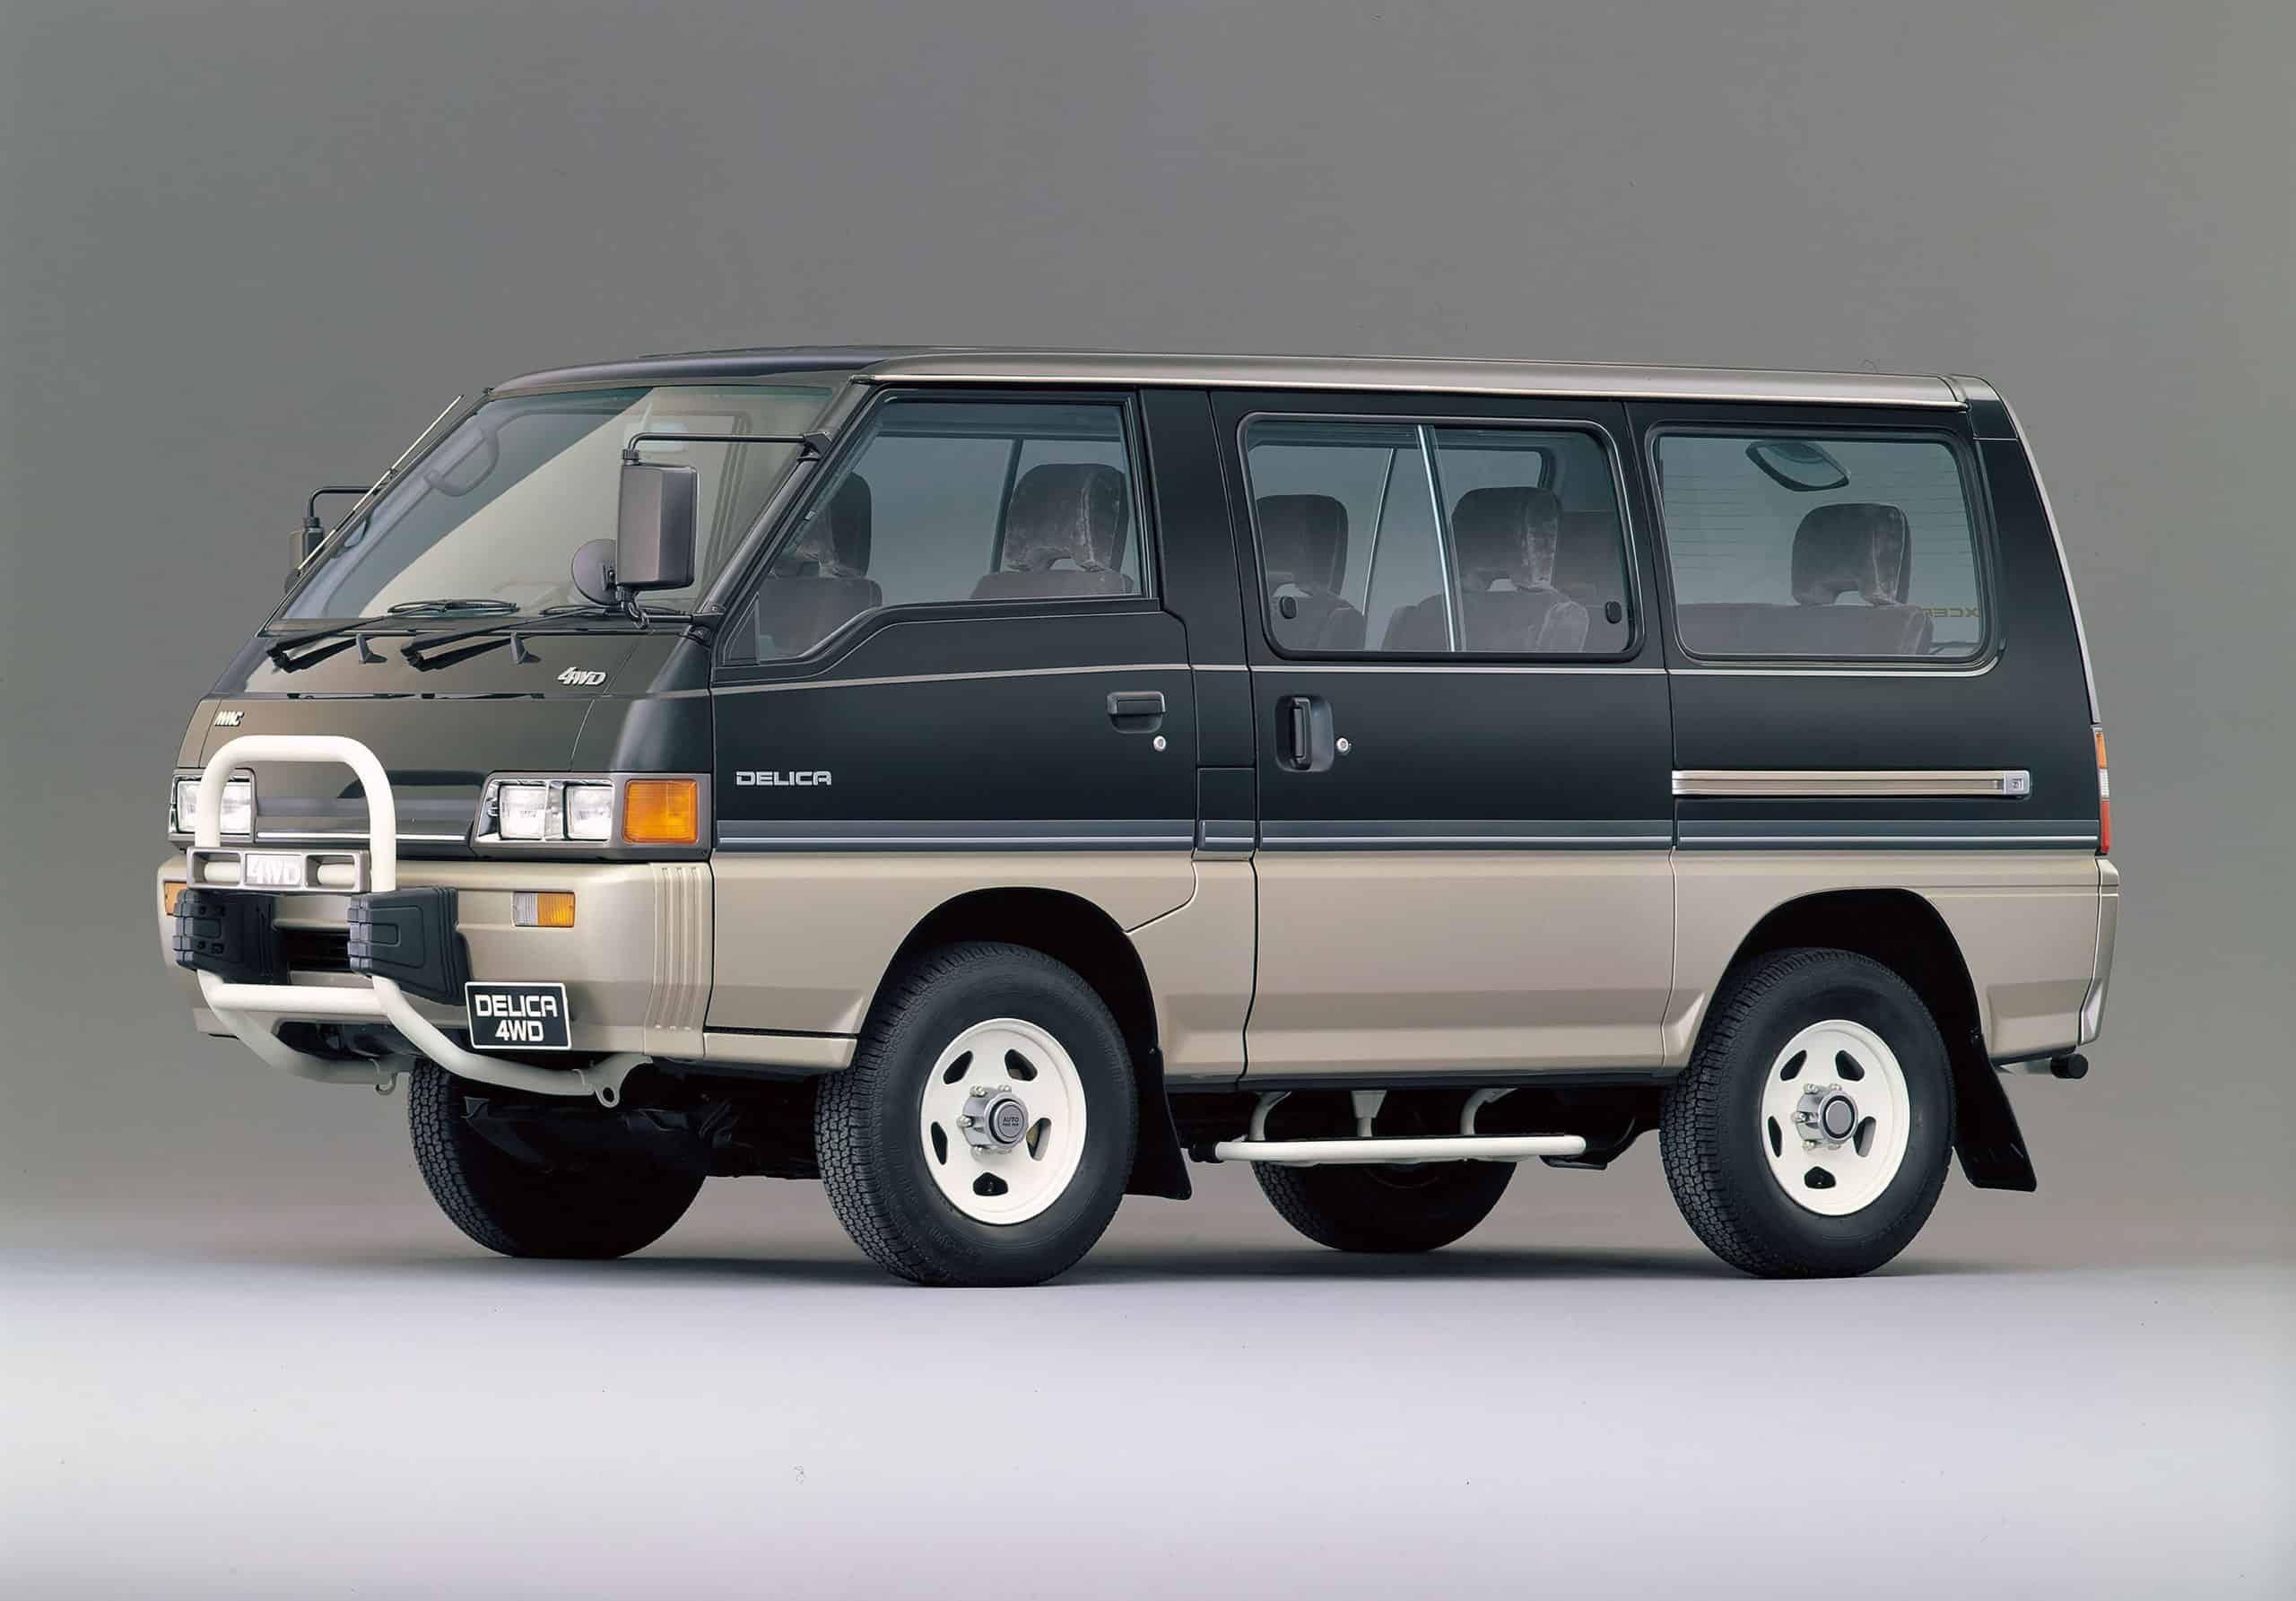 1986 Mitsubishi Delica Star Wagon L300